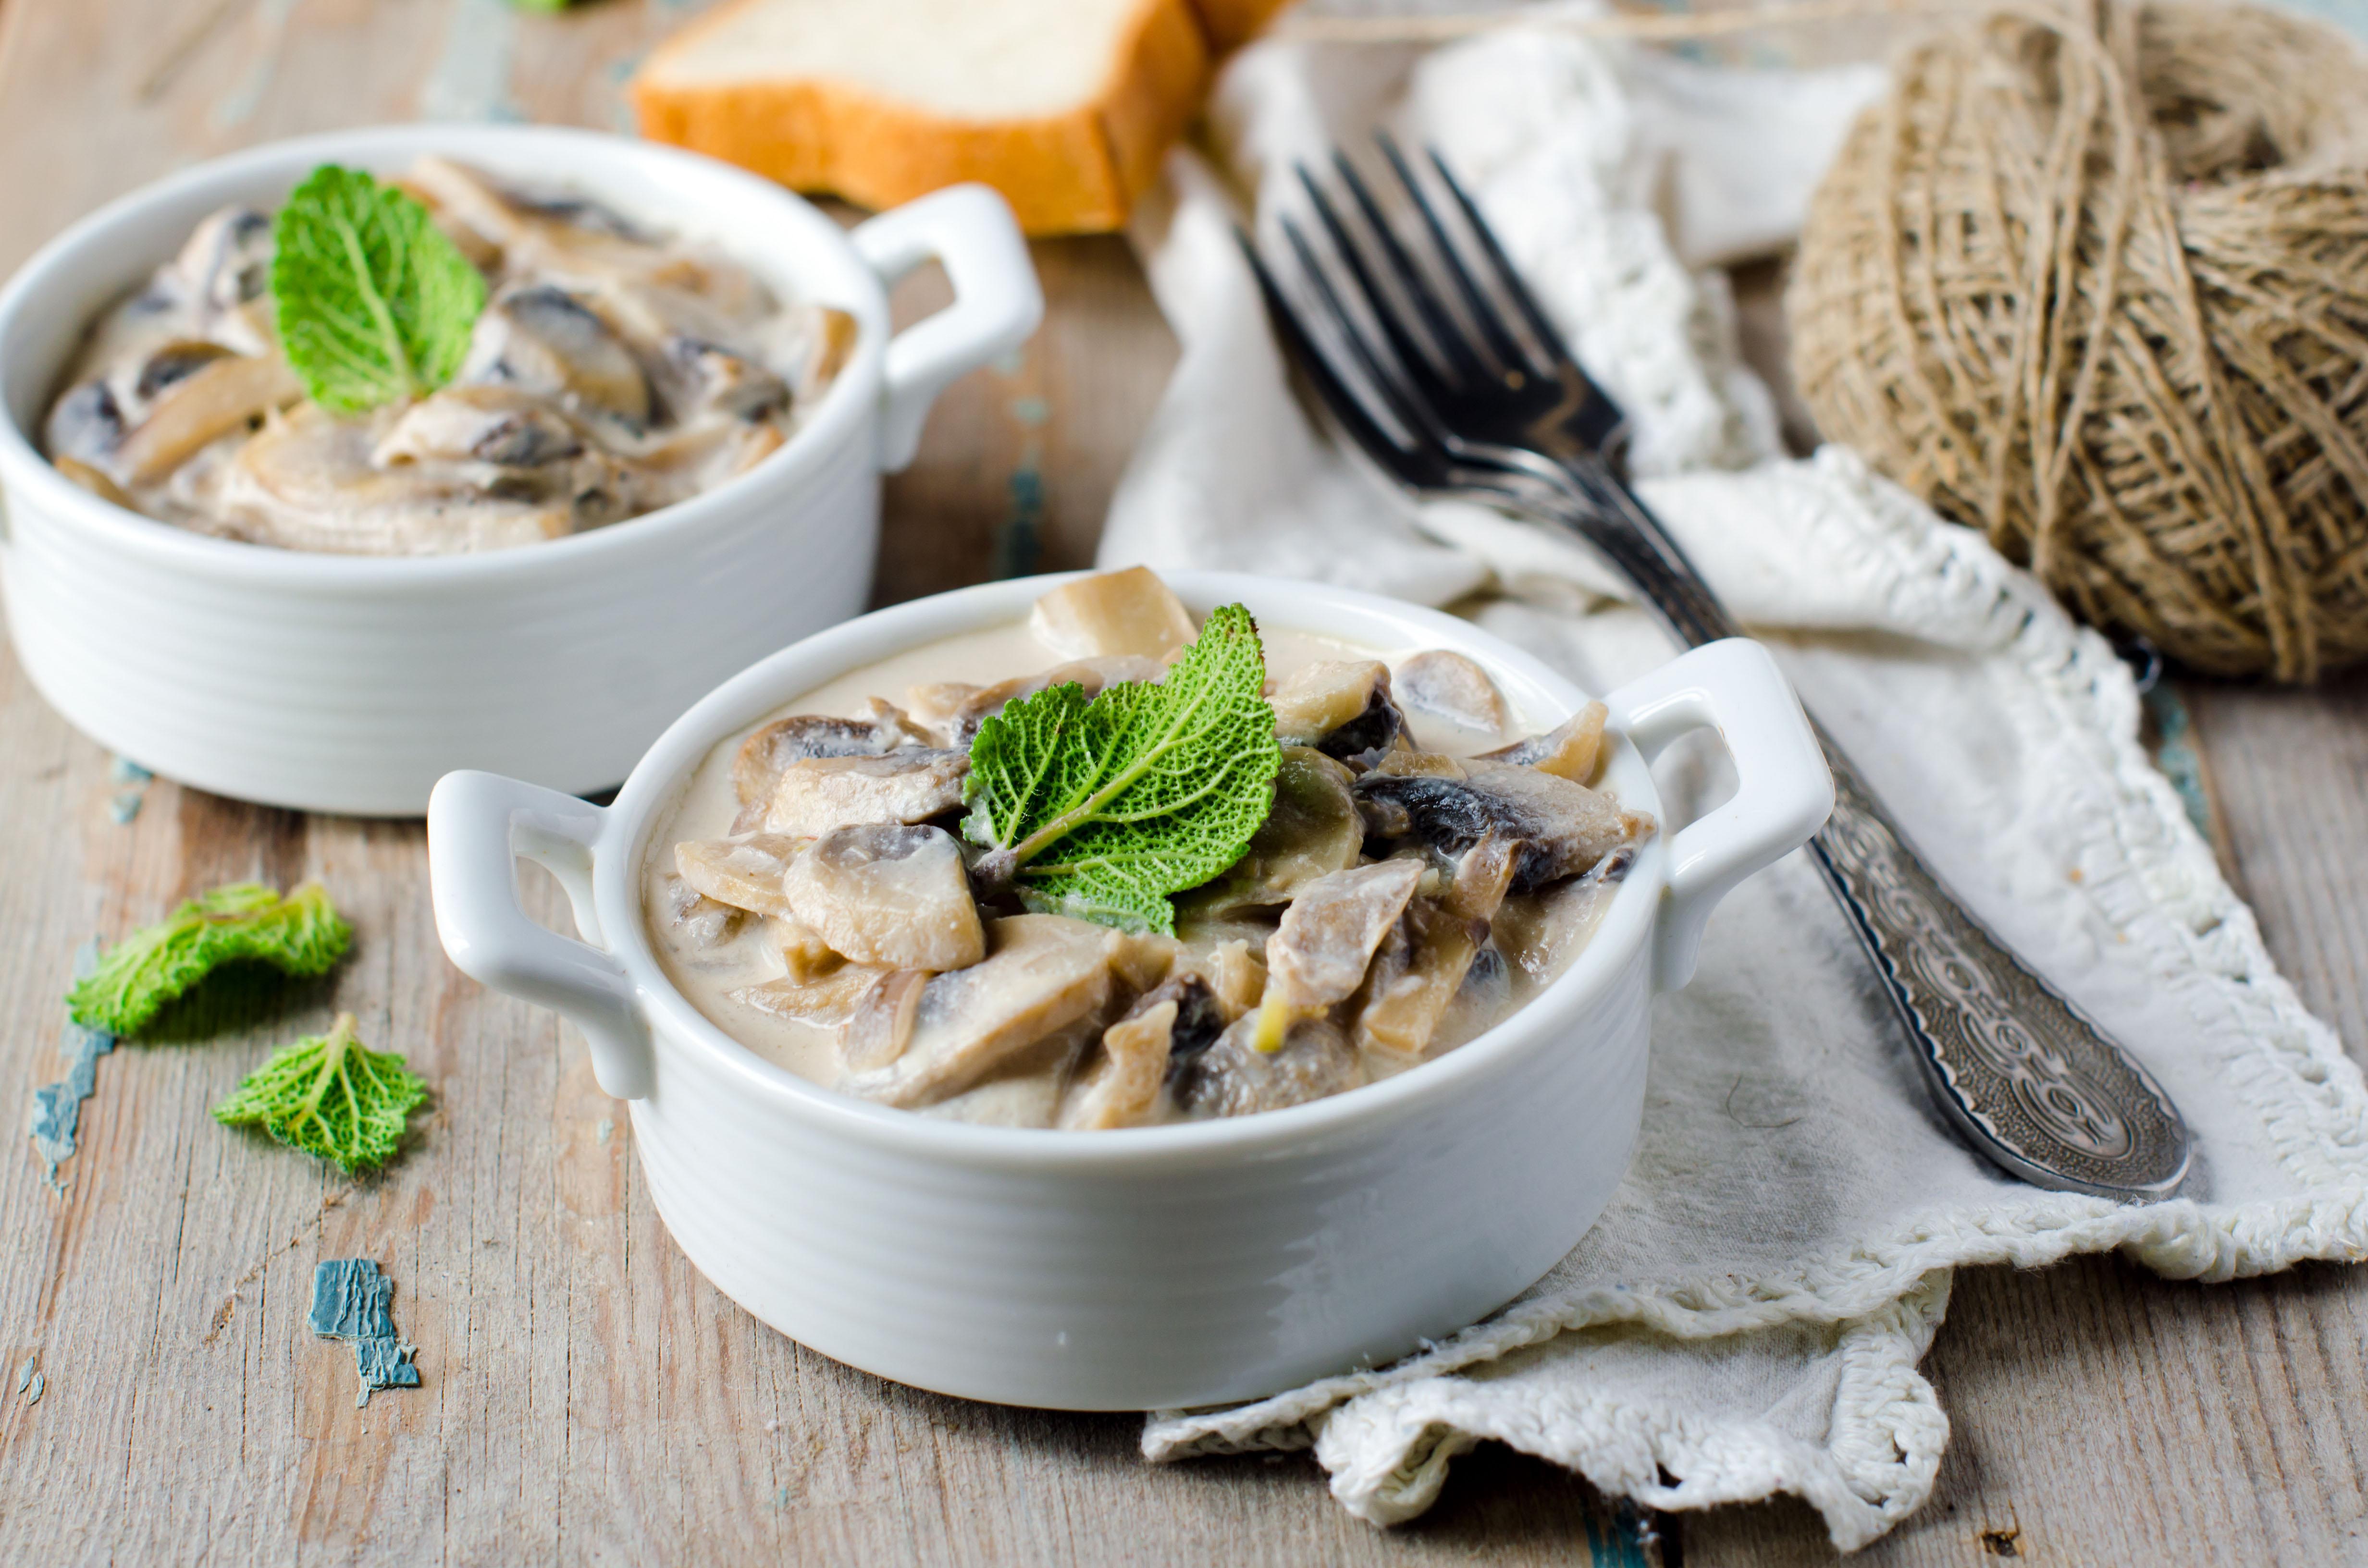 Friozinho chegando e a sopa é bem-vinda. Prepare Sopa de Cogumelos. É deliciosa! / GB Imagem